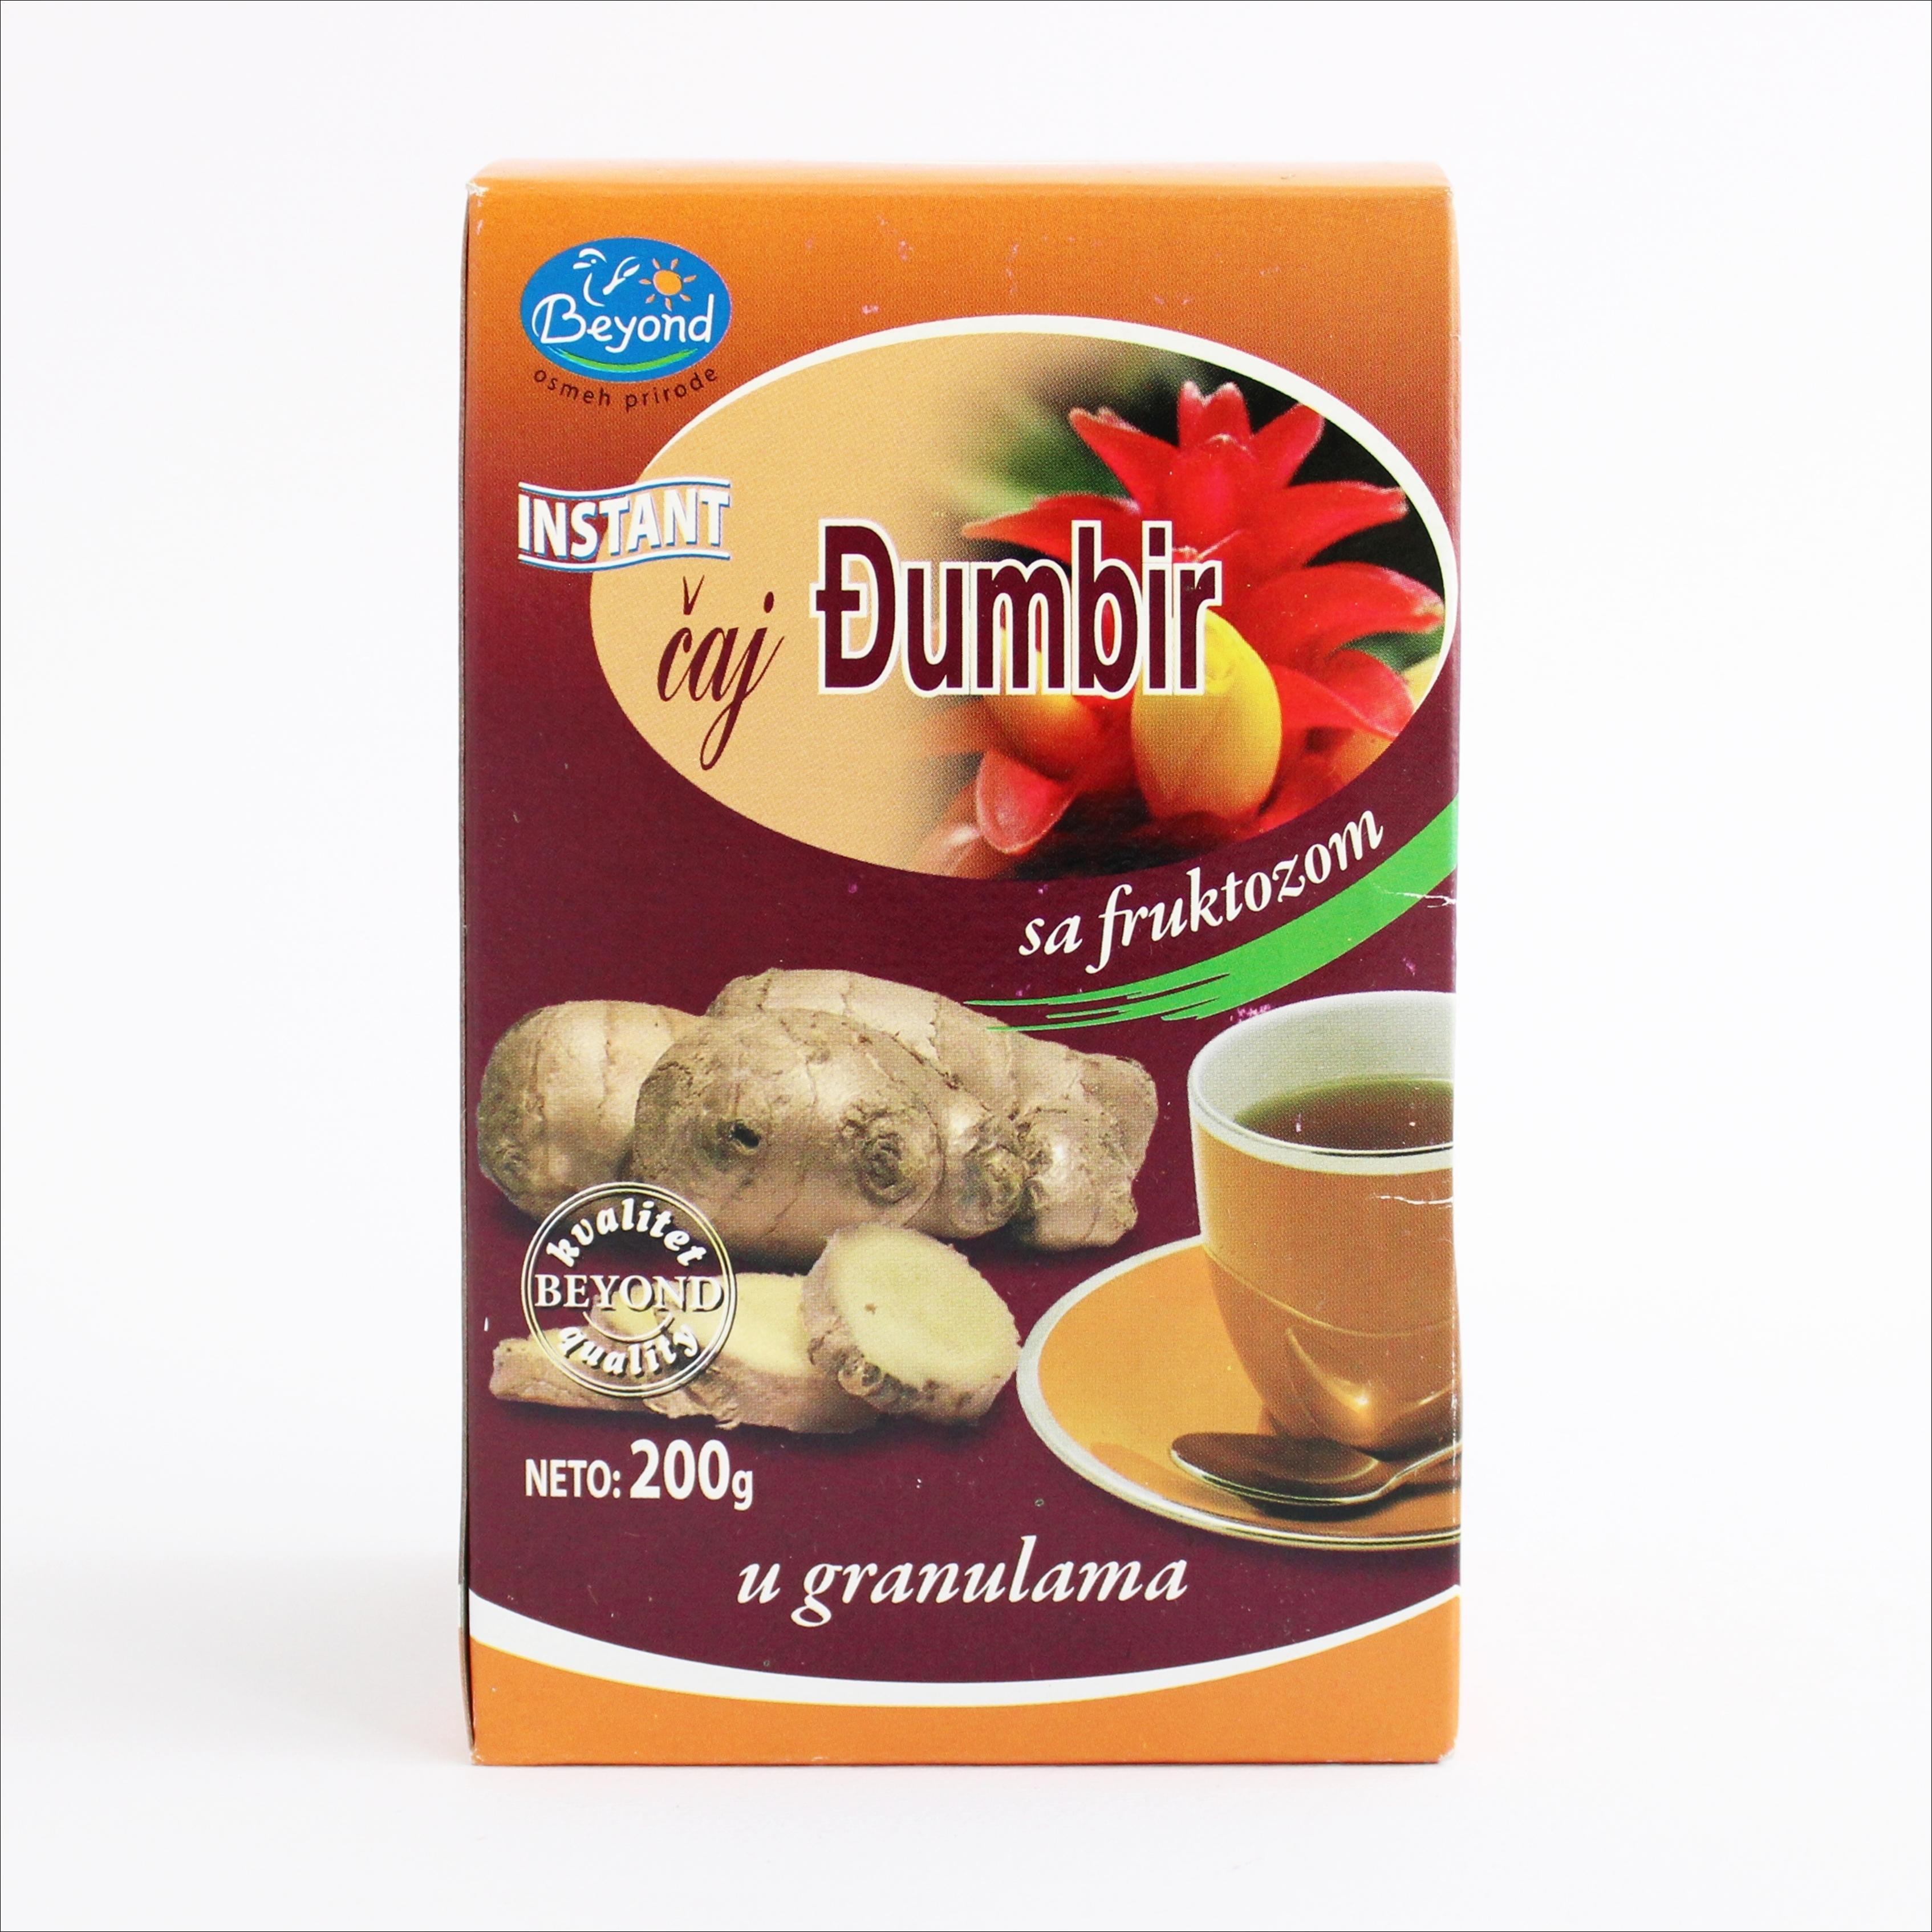 Đumbir (instant čaj u granulama) 00268